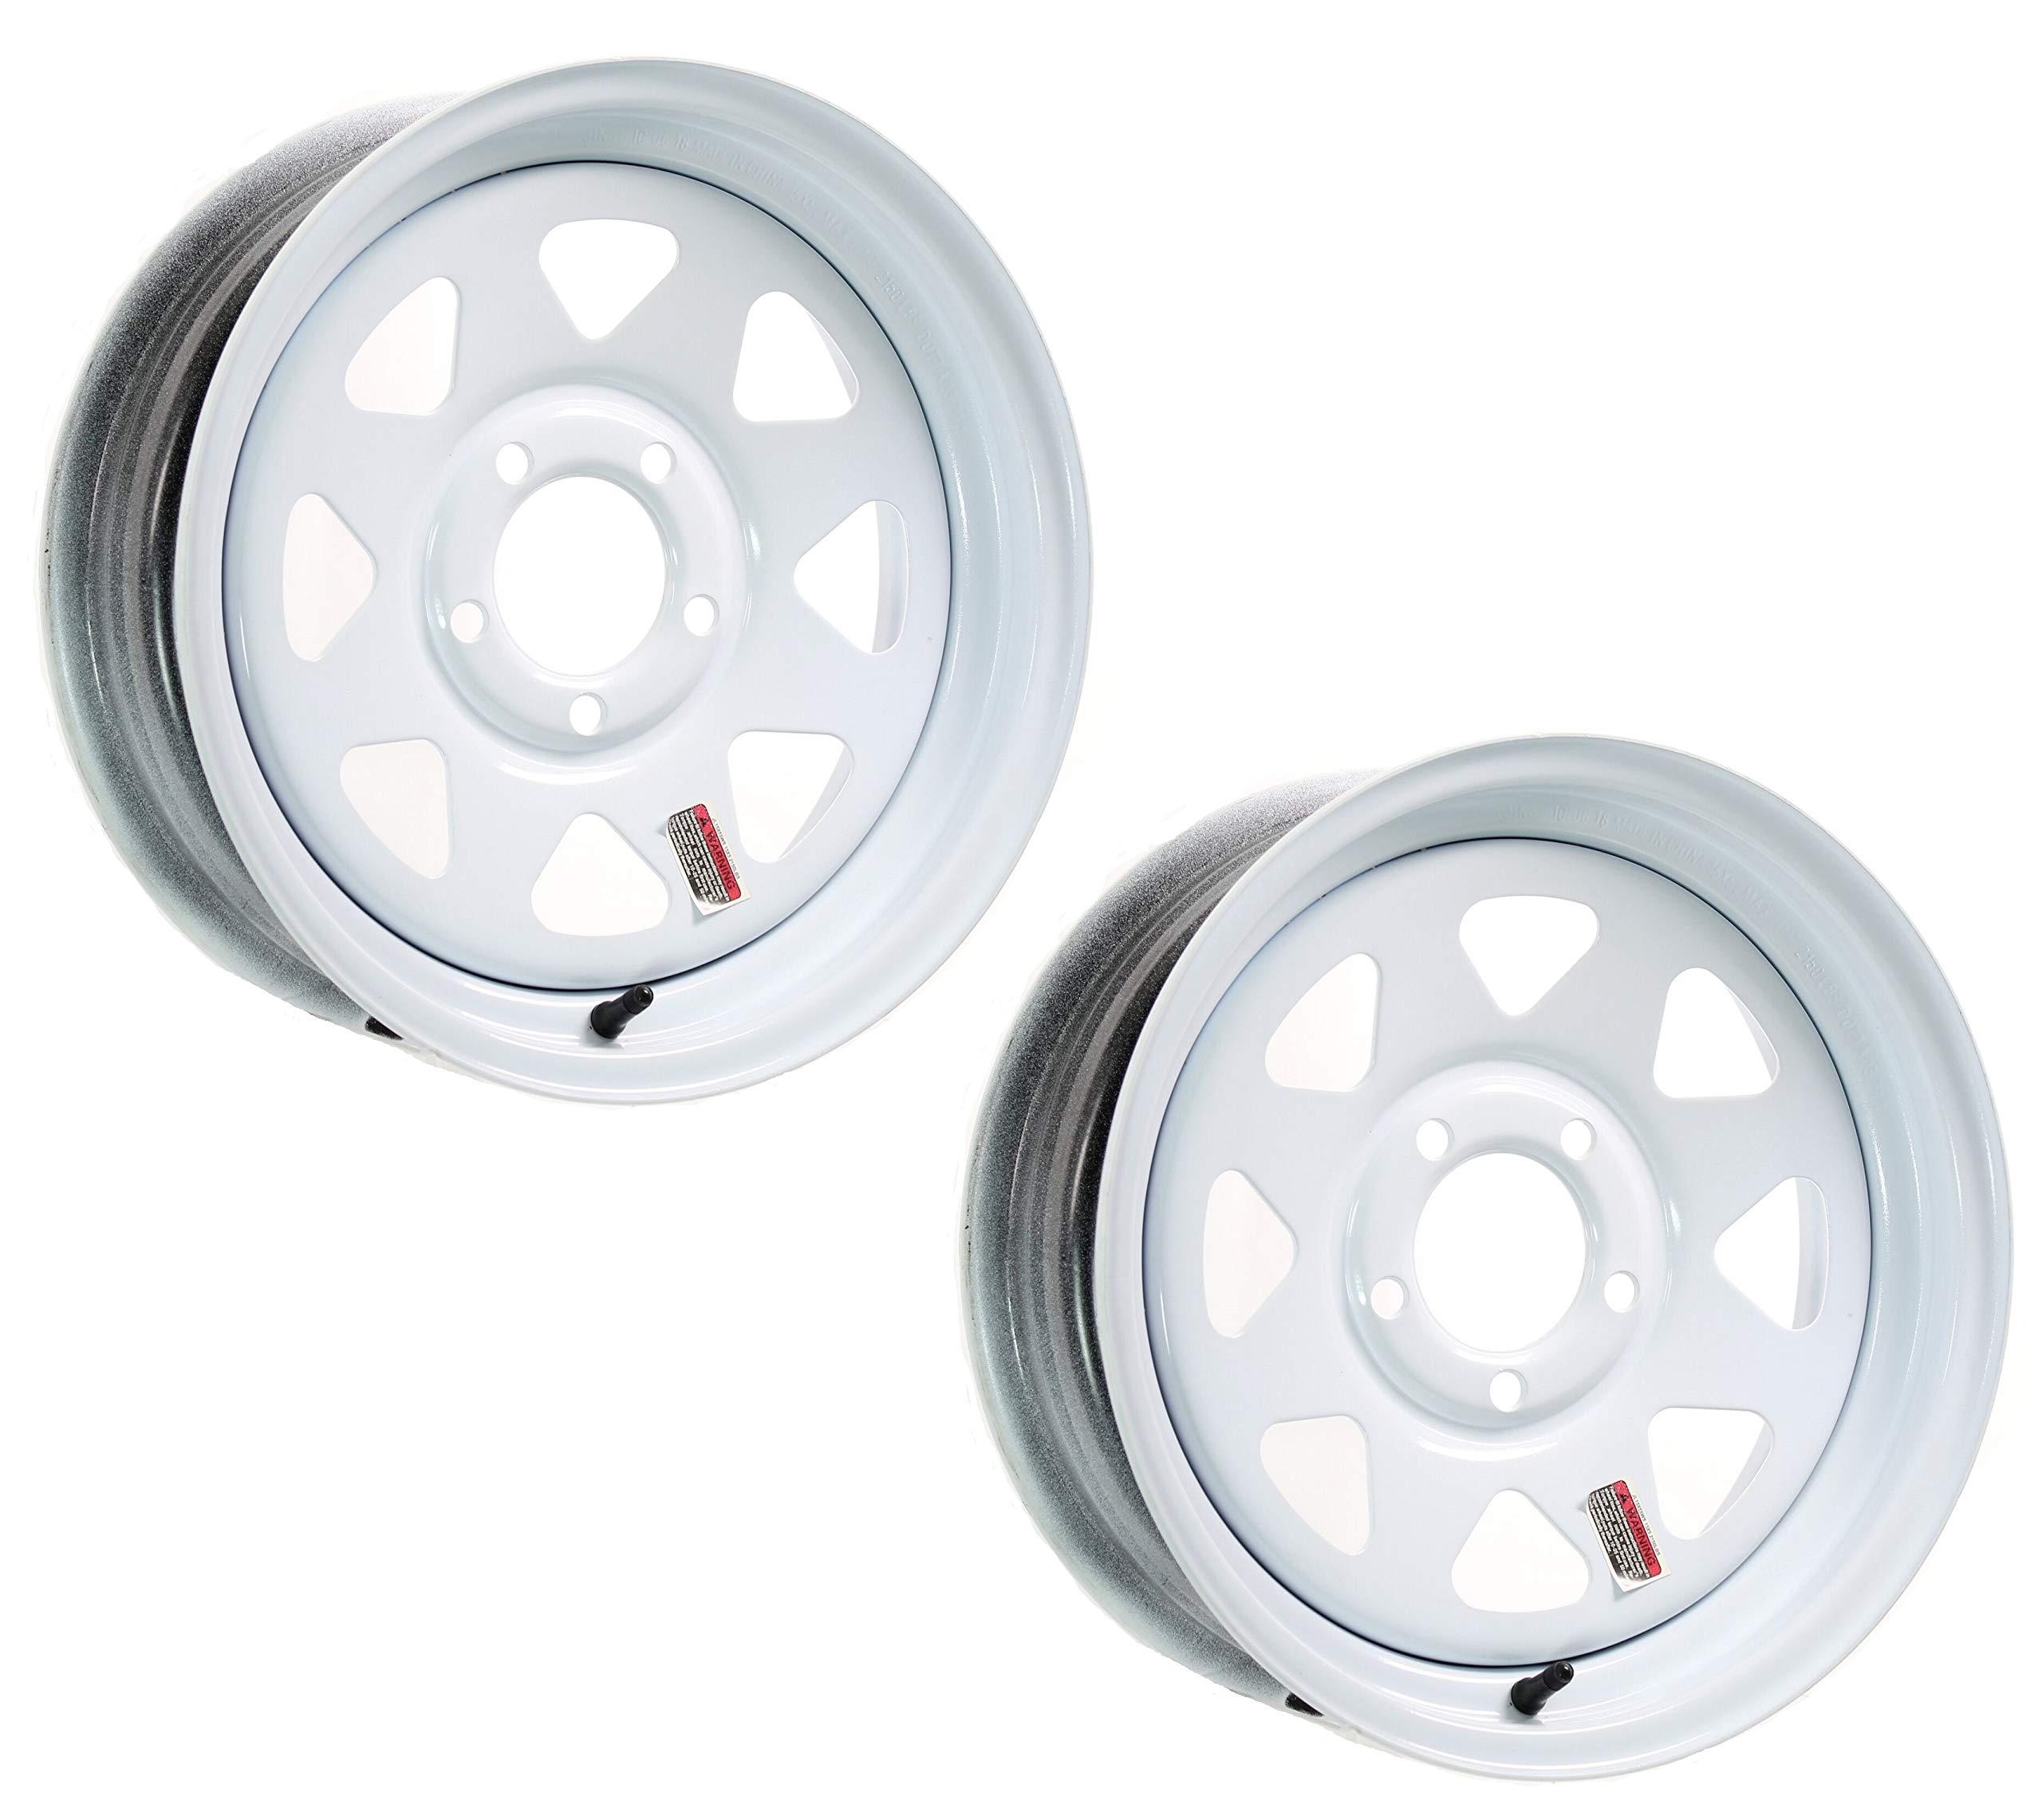 eCustomRim 2-Pack Trailer Wheel White Rims 15 x 5 Spoke Style 5 Lug On 4.5 in. Center